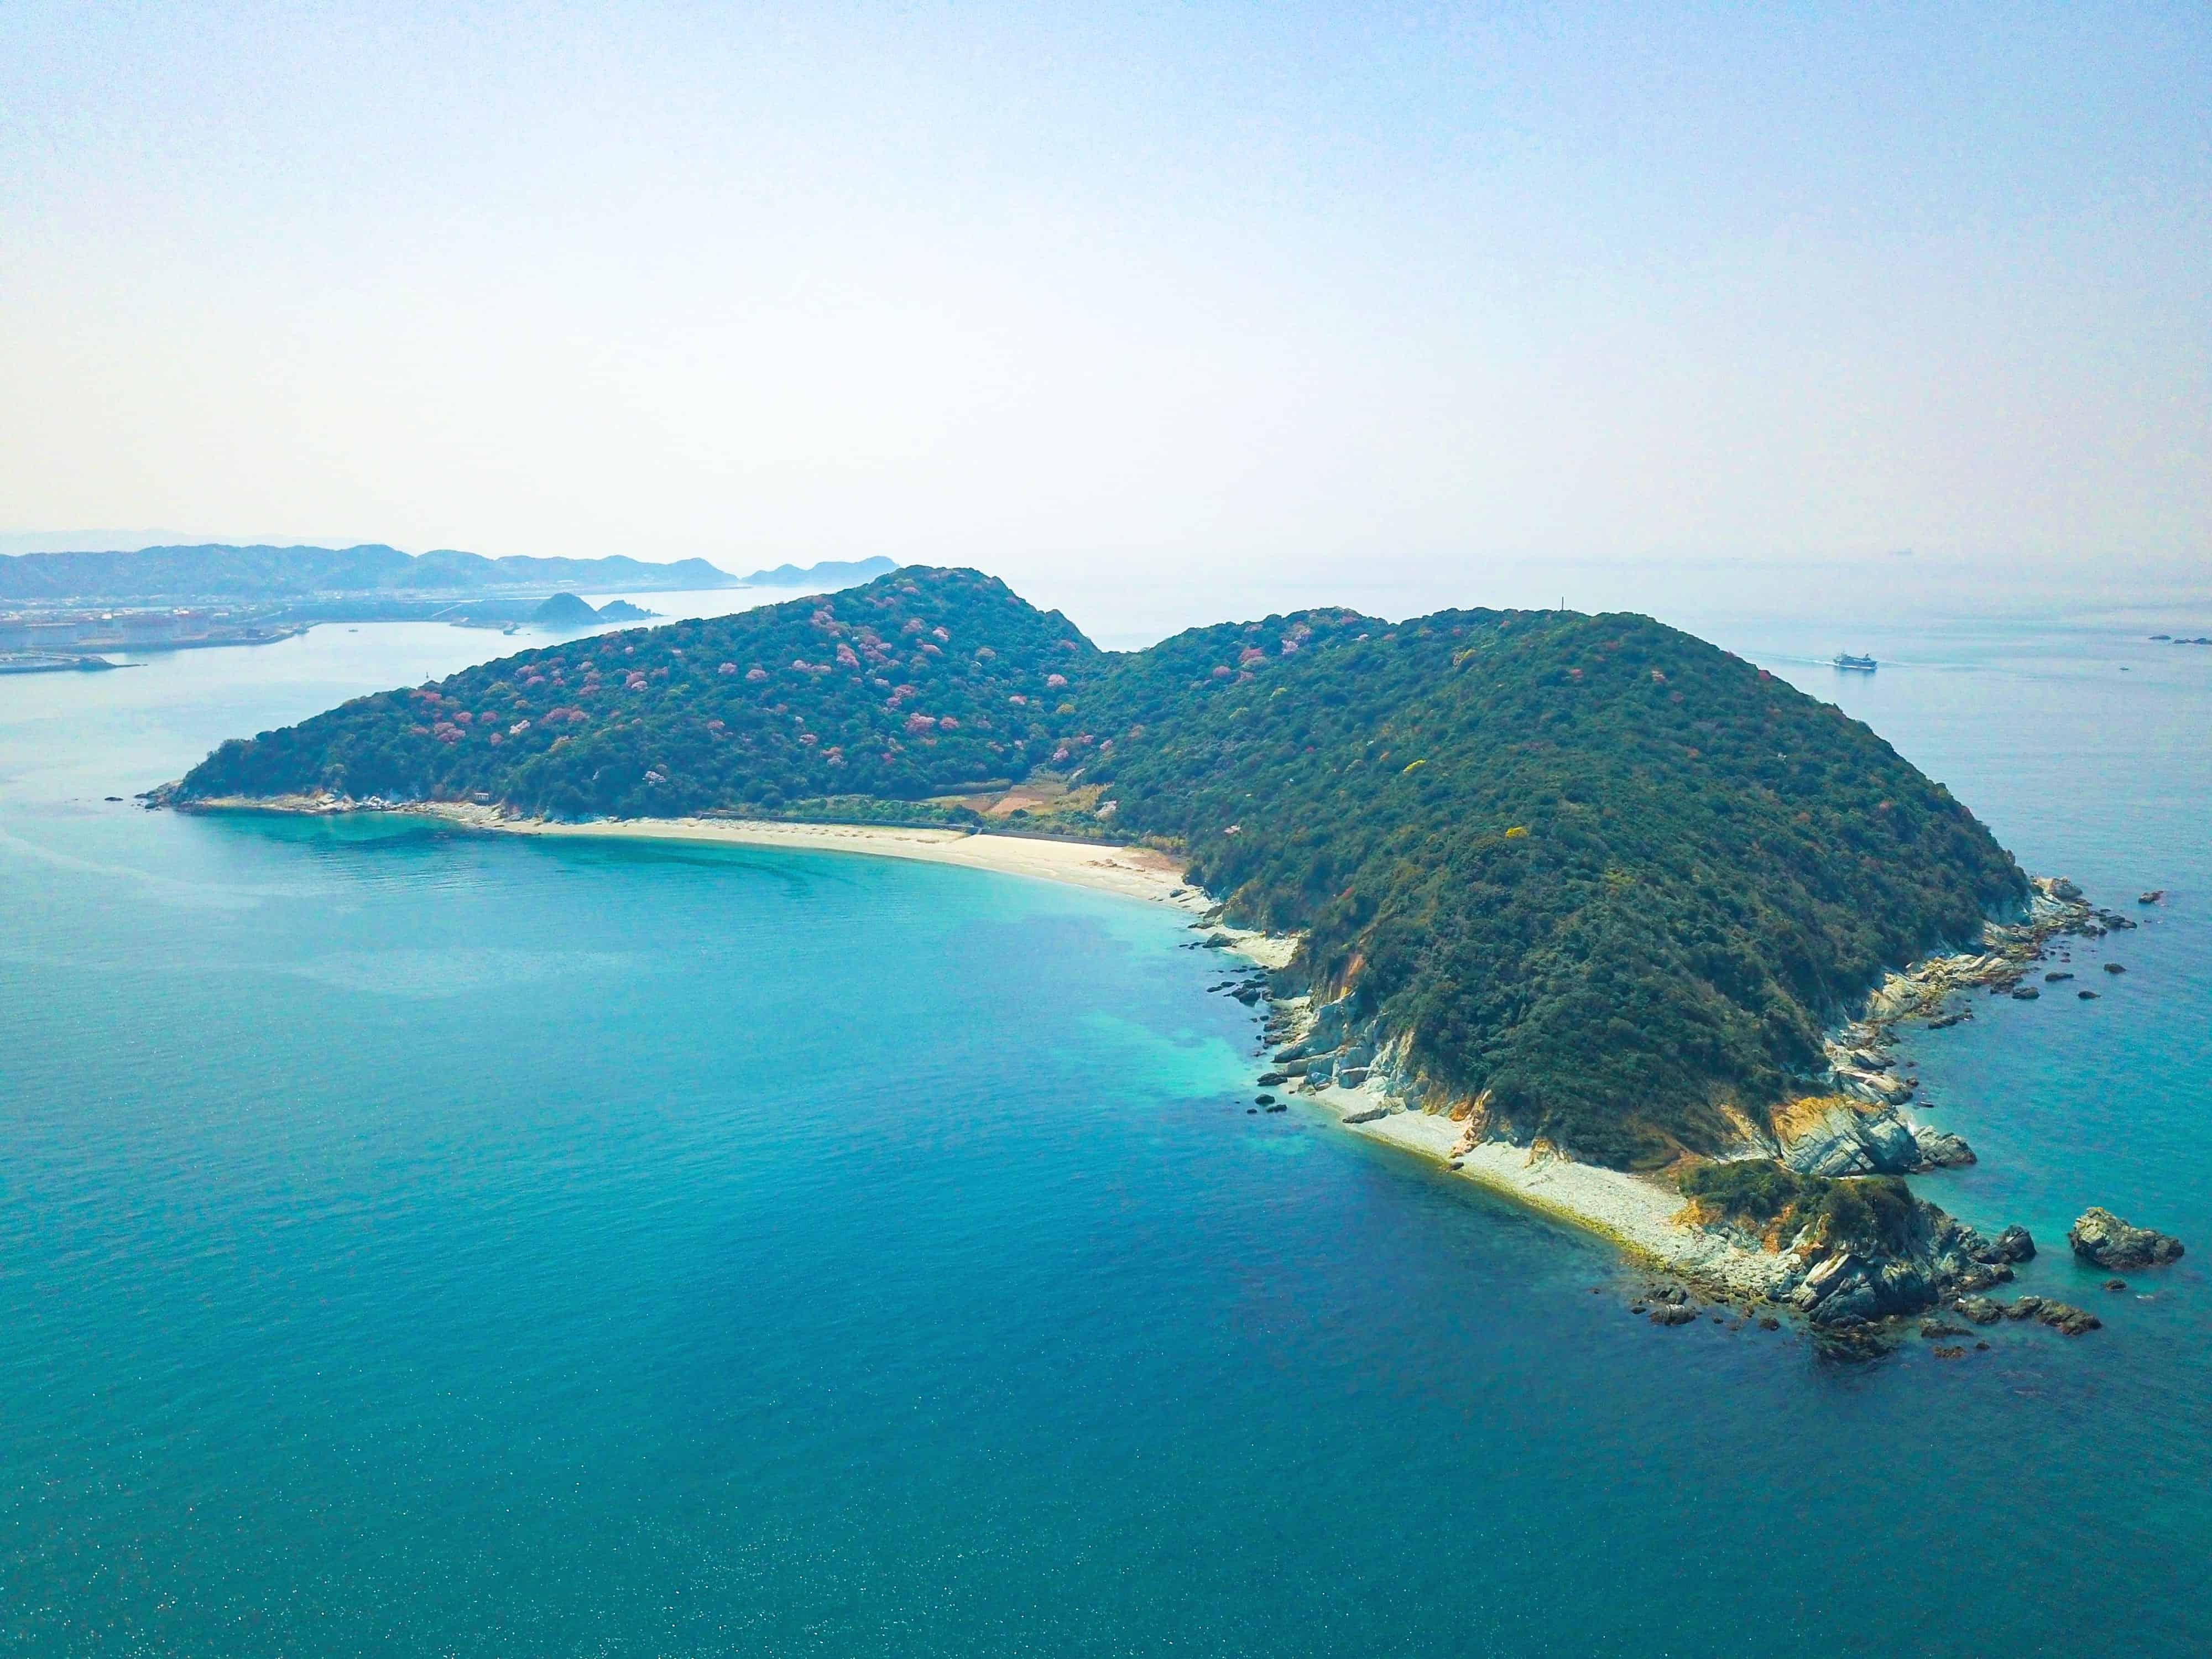 เกาะจิโนะ (Jino Island) หรือเกาะจิโนะชิมะ (Jinoshima)